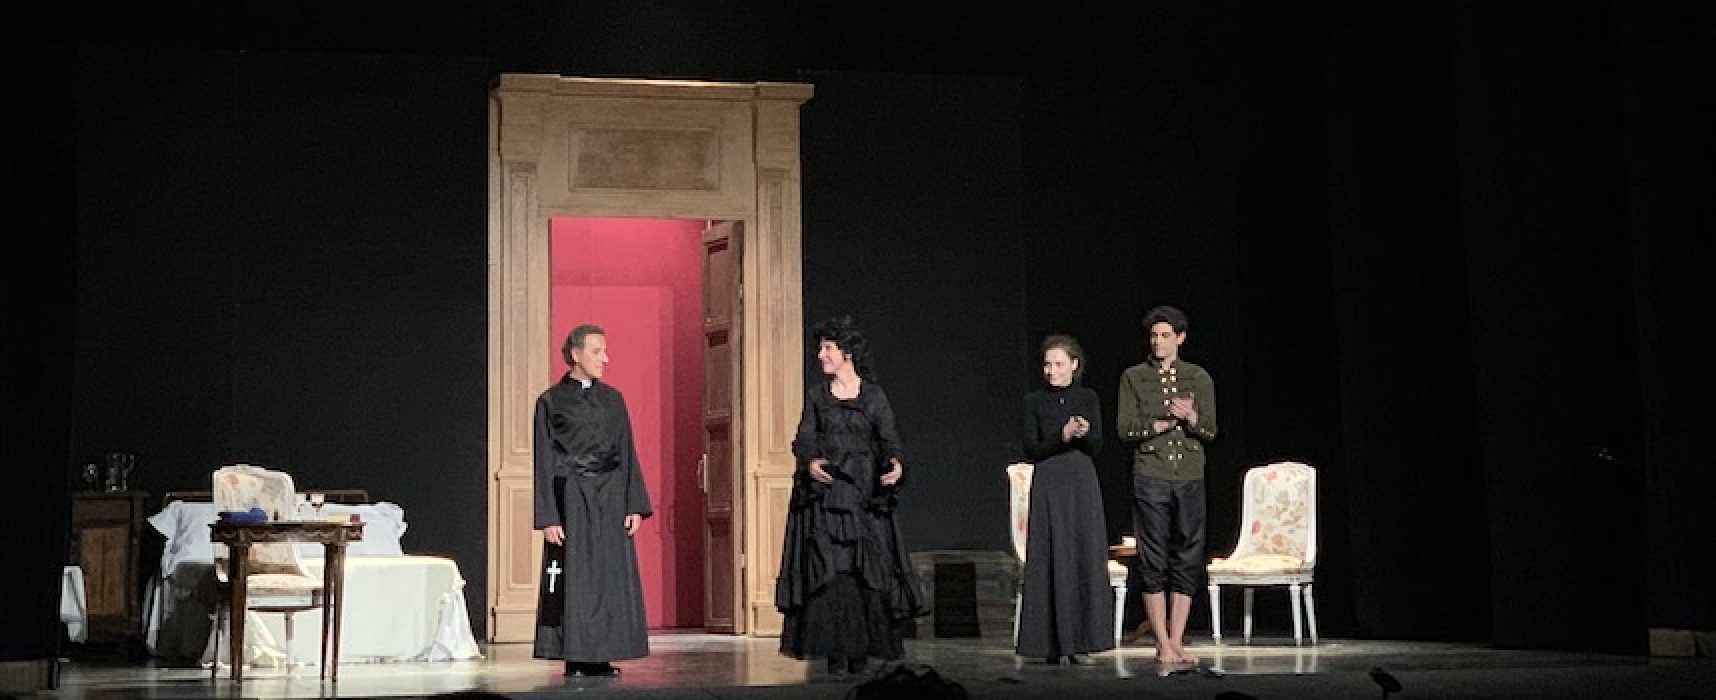 Sacro e Perturbante, al Politeama va in scena il Ferdinando di Ruccello della compagnia QuiEdOra